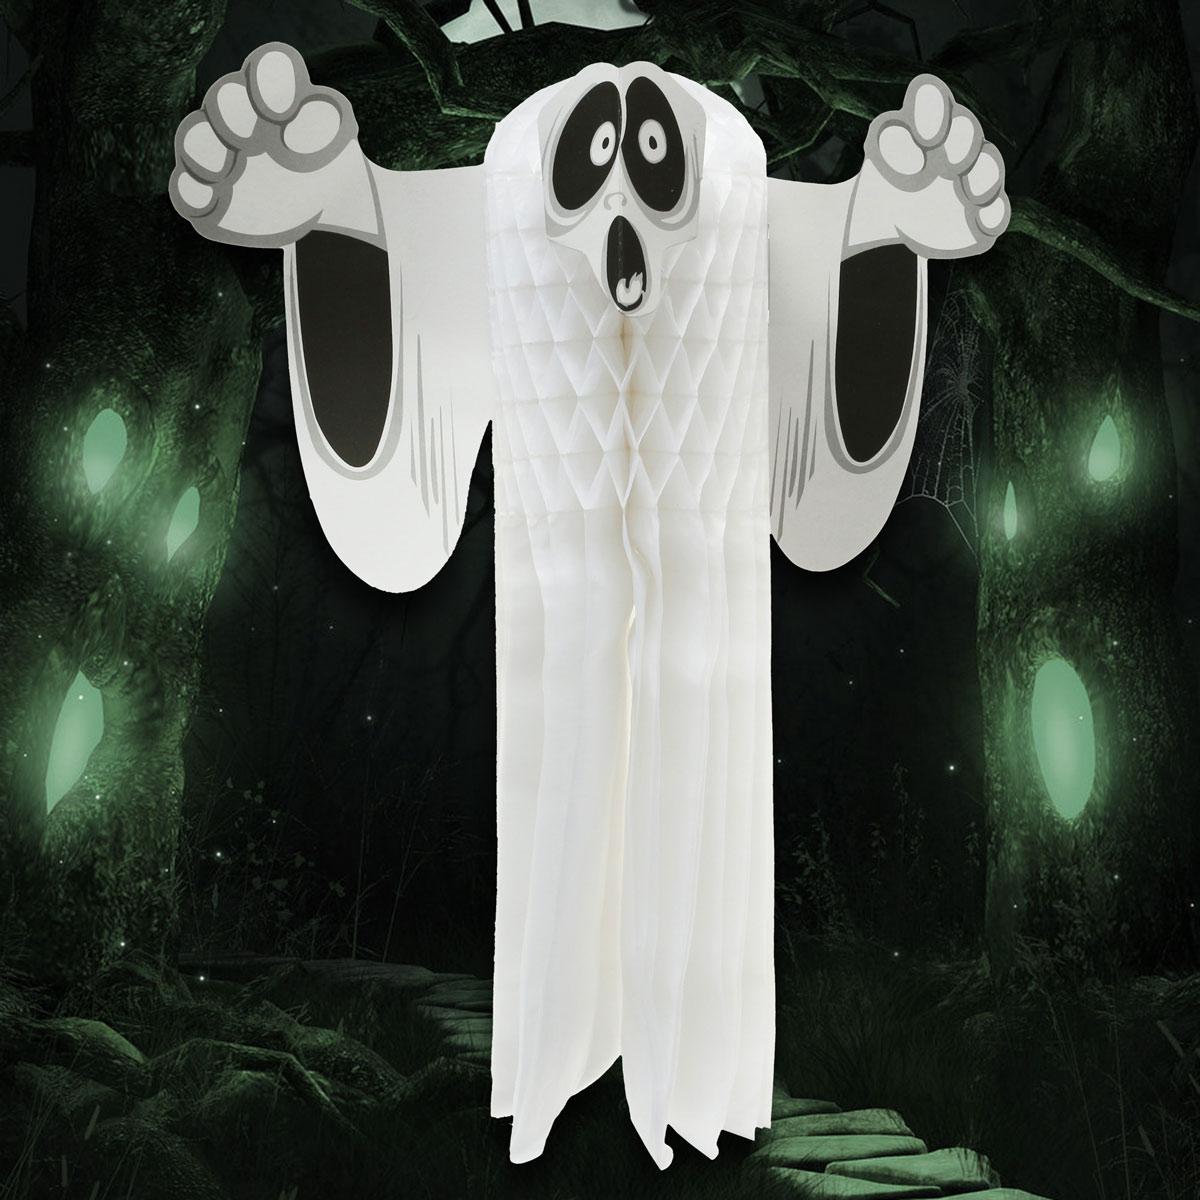 Fiesta de halloween prop parecida al papel plegable colgando sudario fantasma decoración de la puerta de suspensión